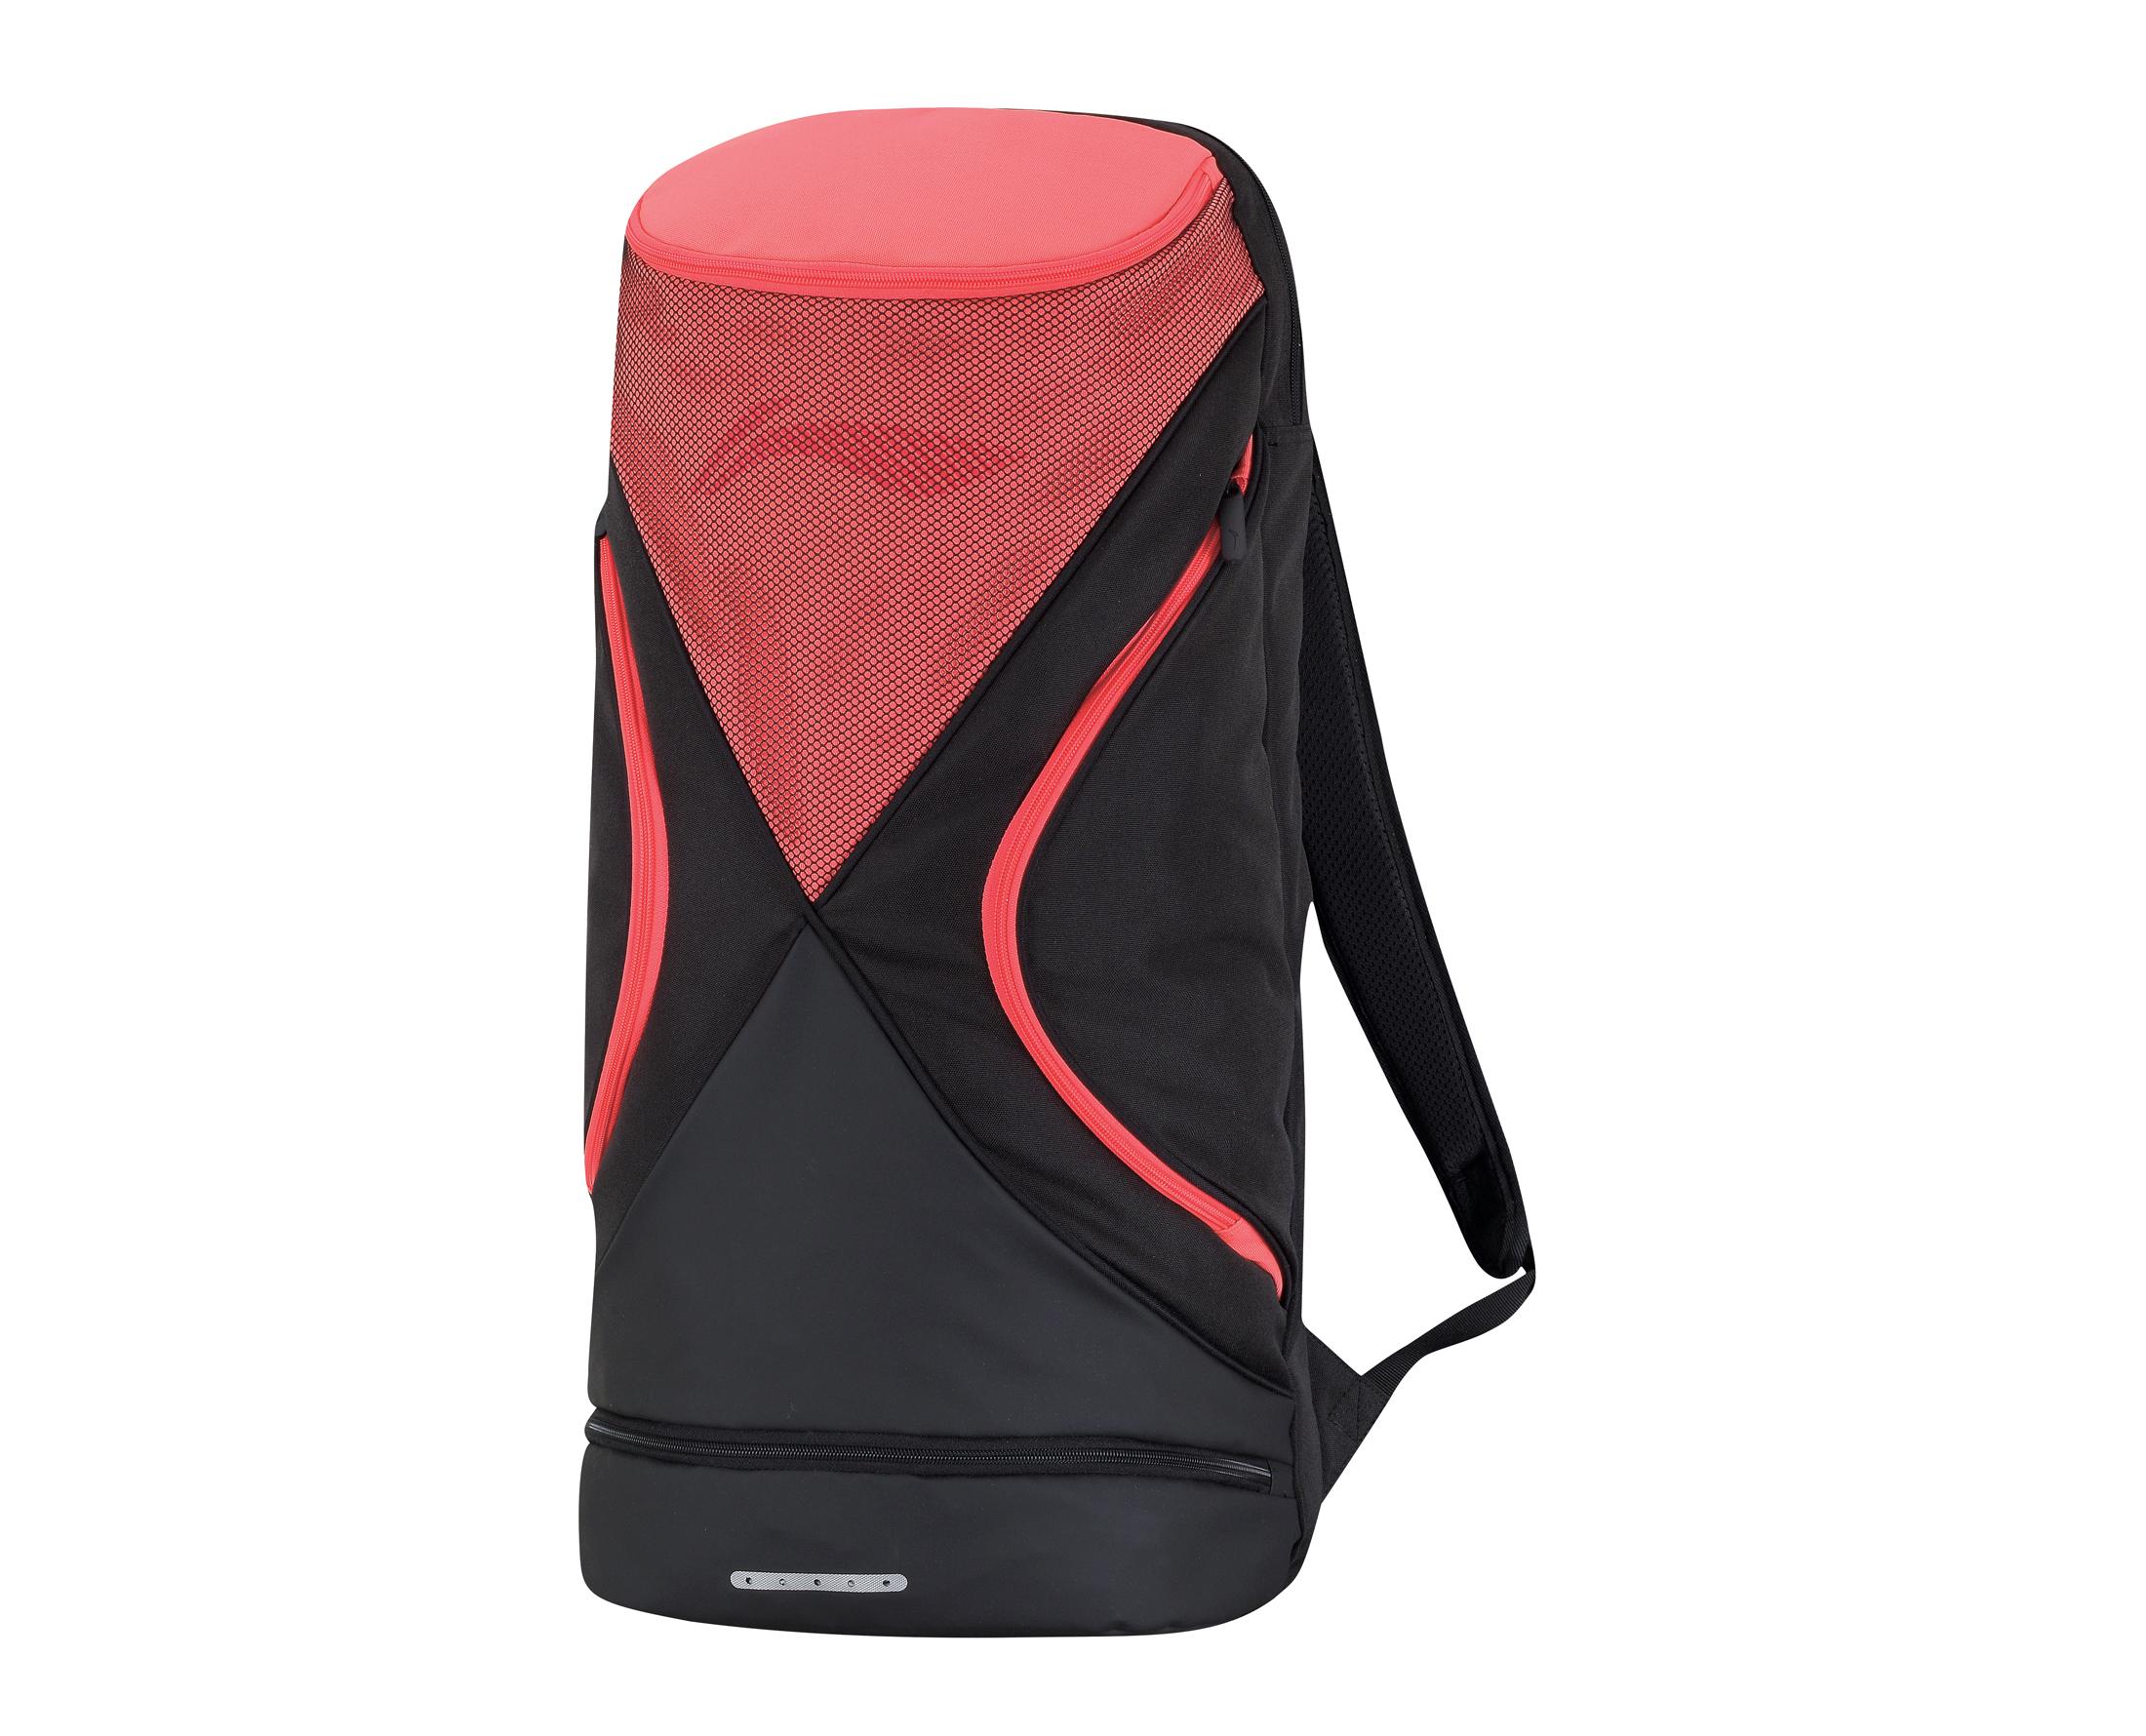 Li Ning 174 Badminton Backpack Online Abjp072 2 Badminton